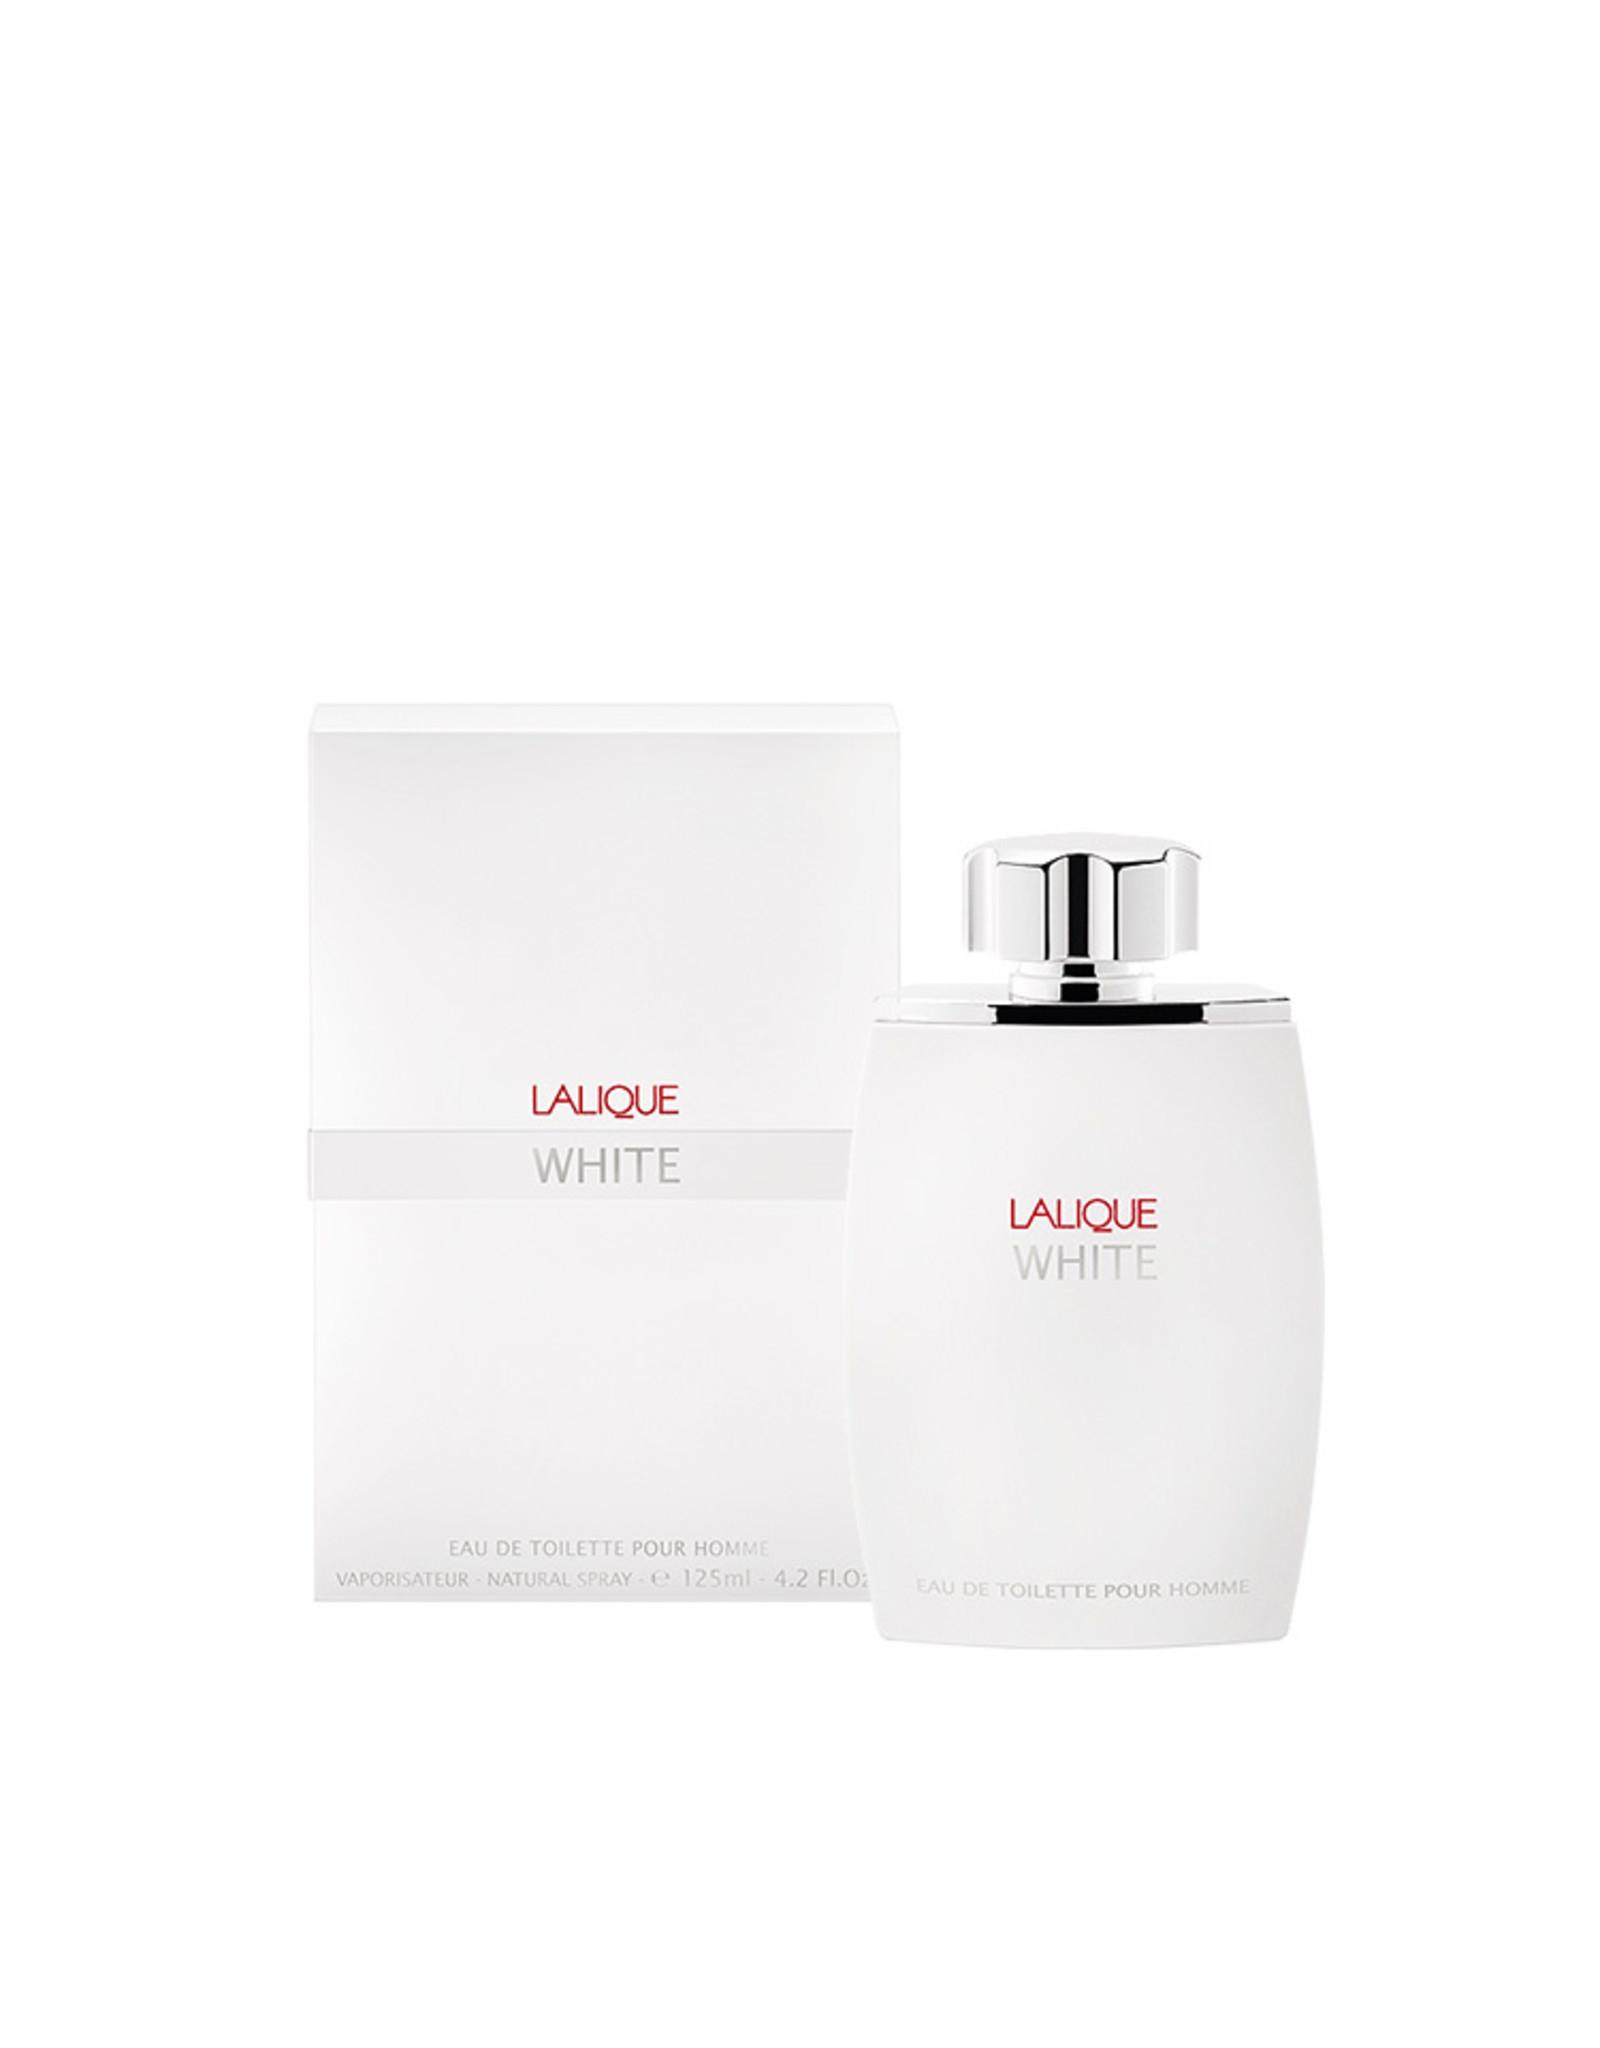 Lalique Lalique White  - Eau De Toilette - Lalique